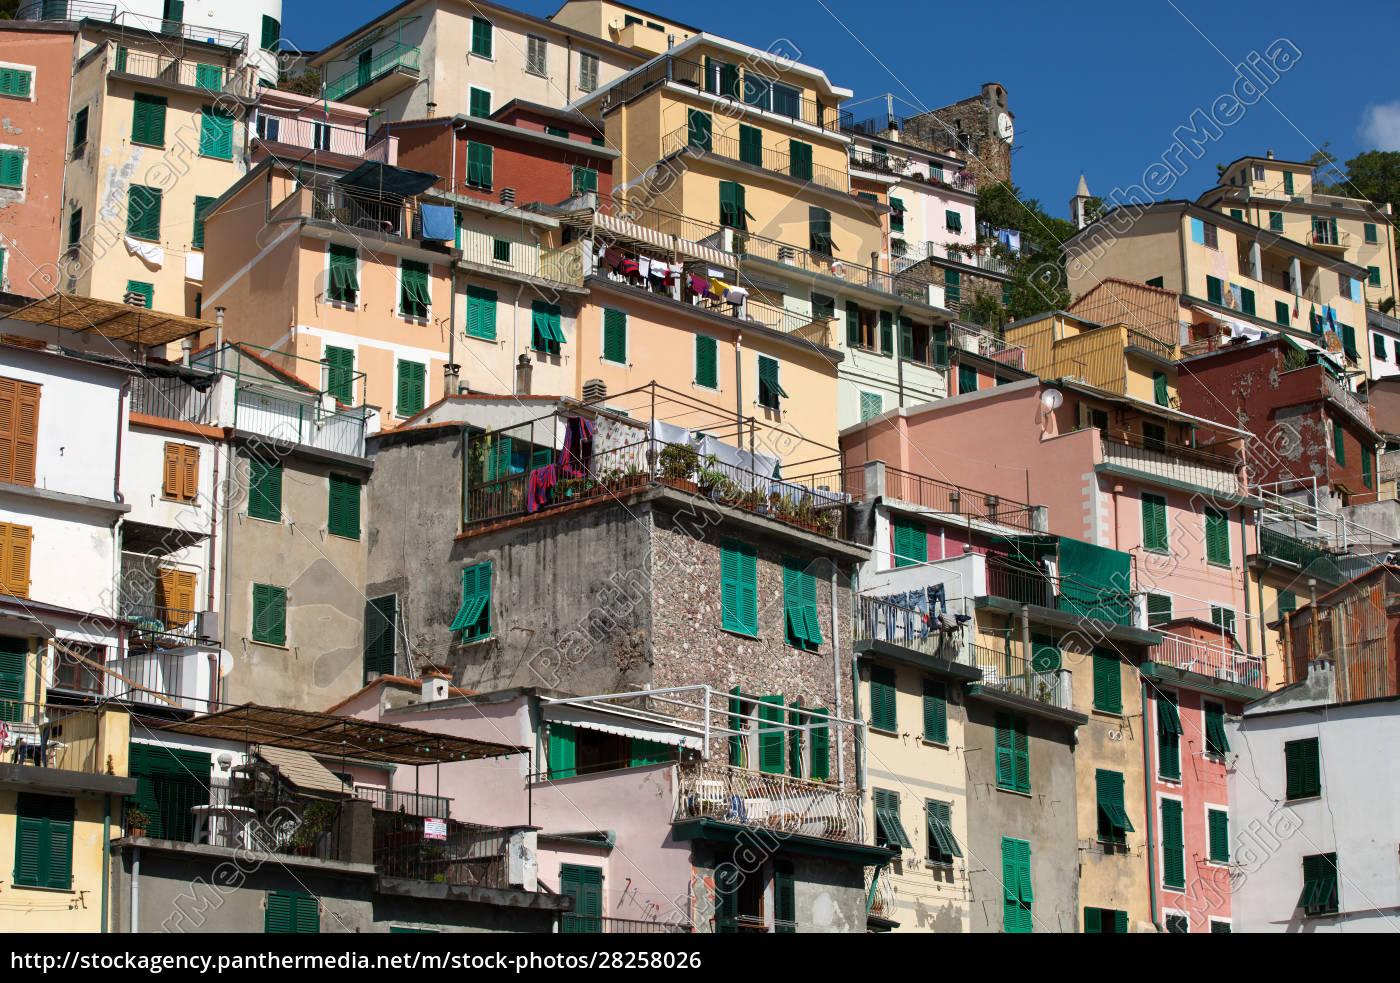 riomaggiore, -, one, of, the, cities - 28258026